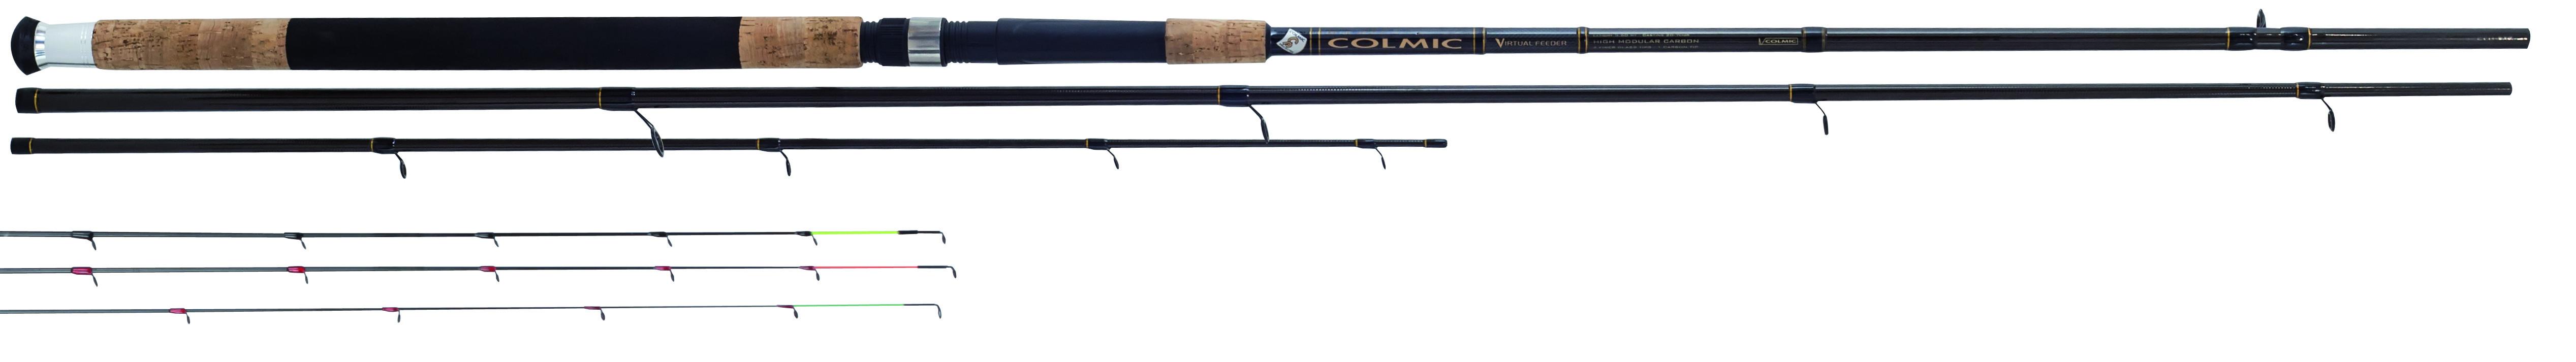 удилища для рыбалки в киеве